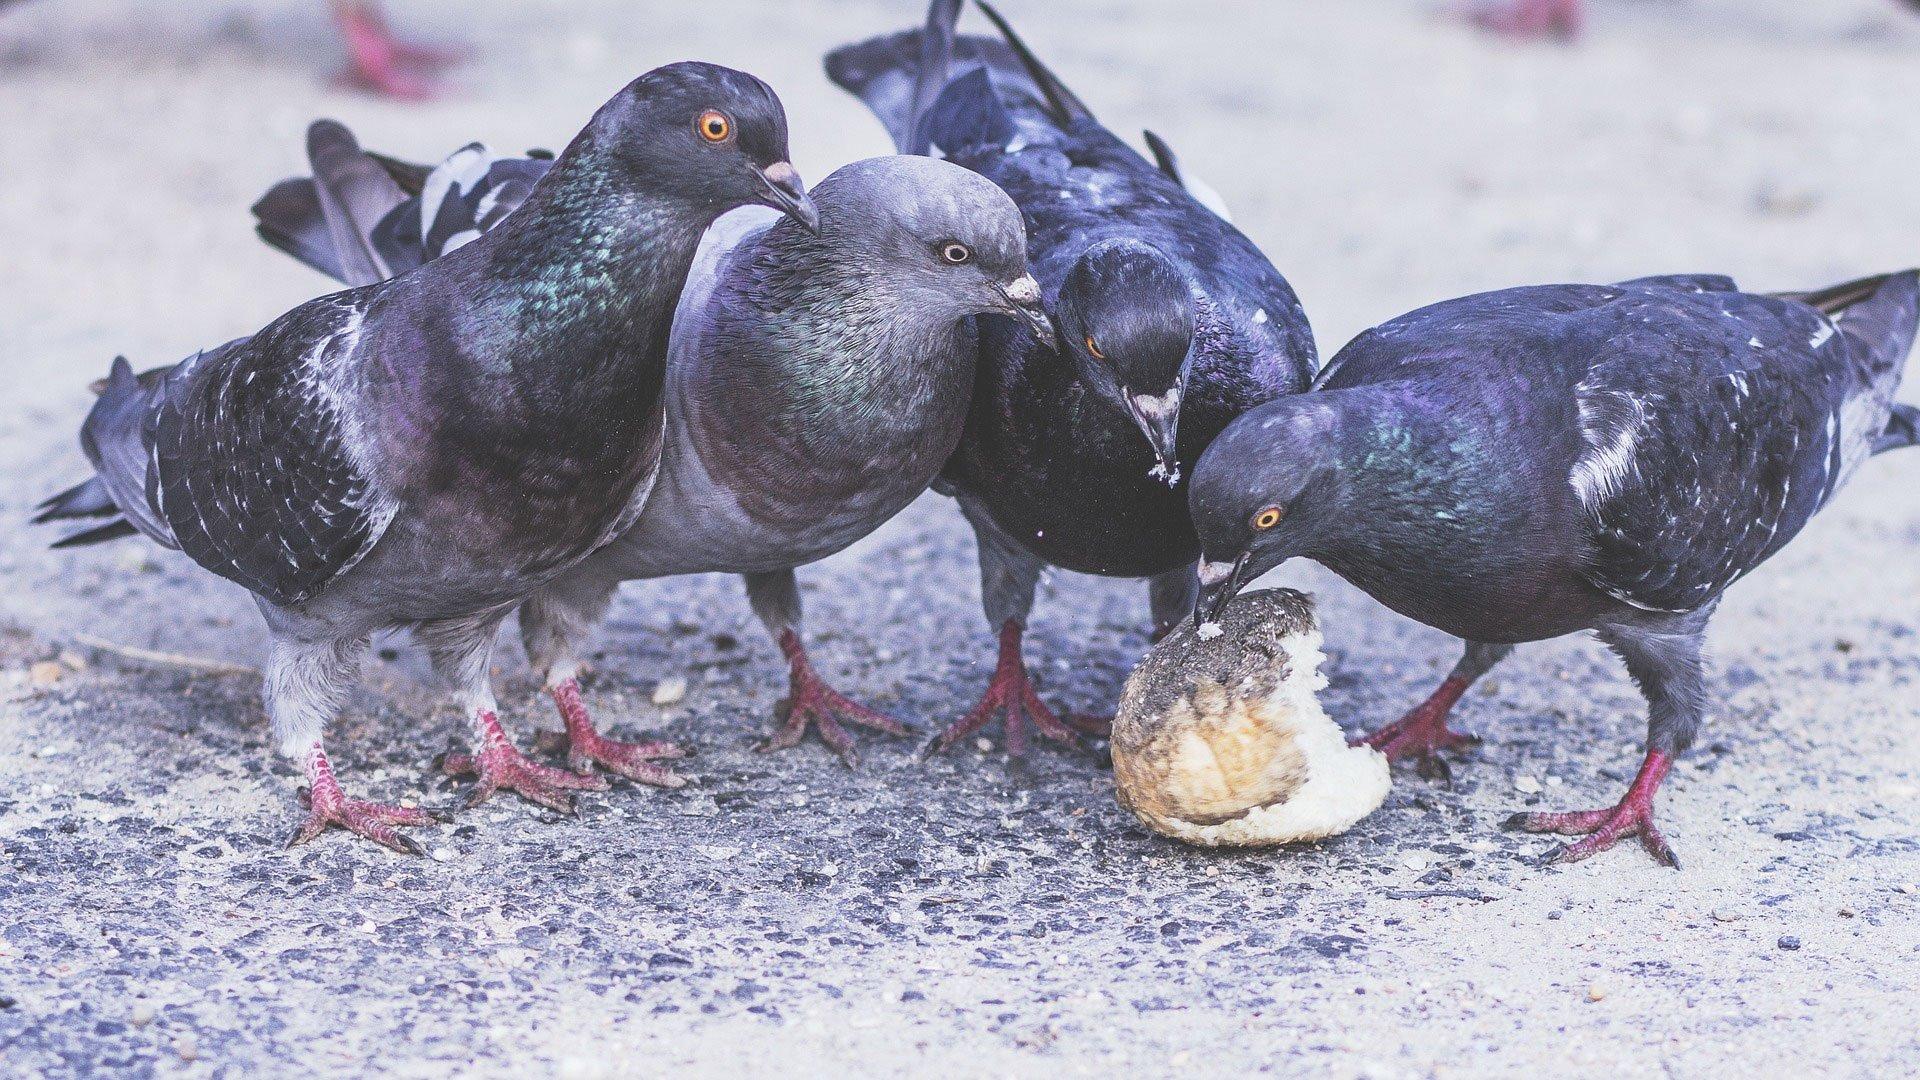 Ptaki lubią jeść chleb – mity na temat zwierząt